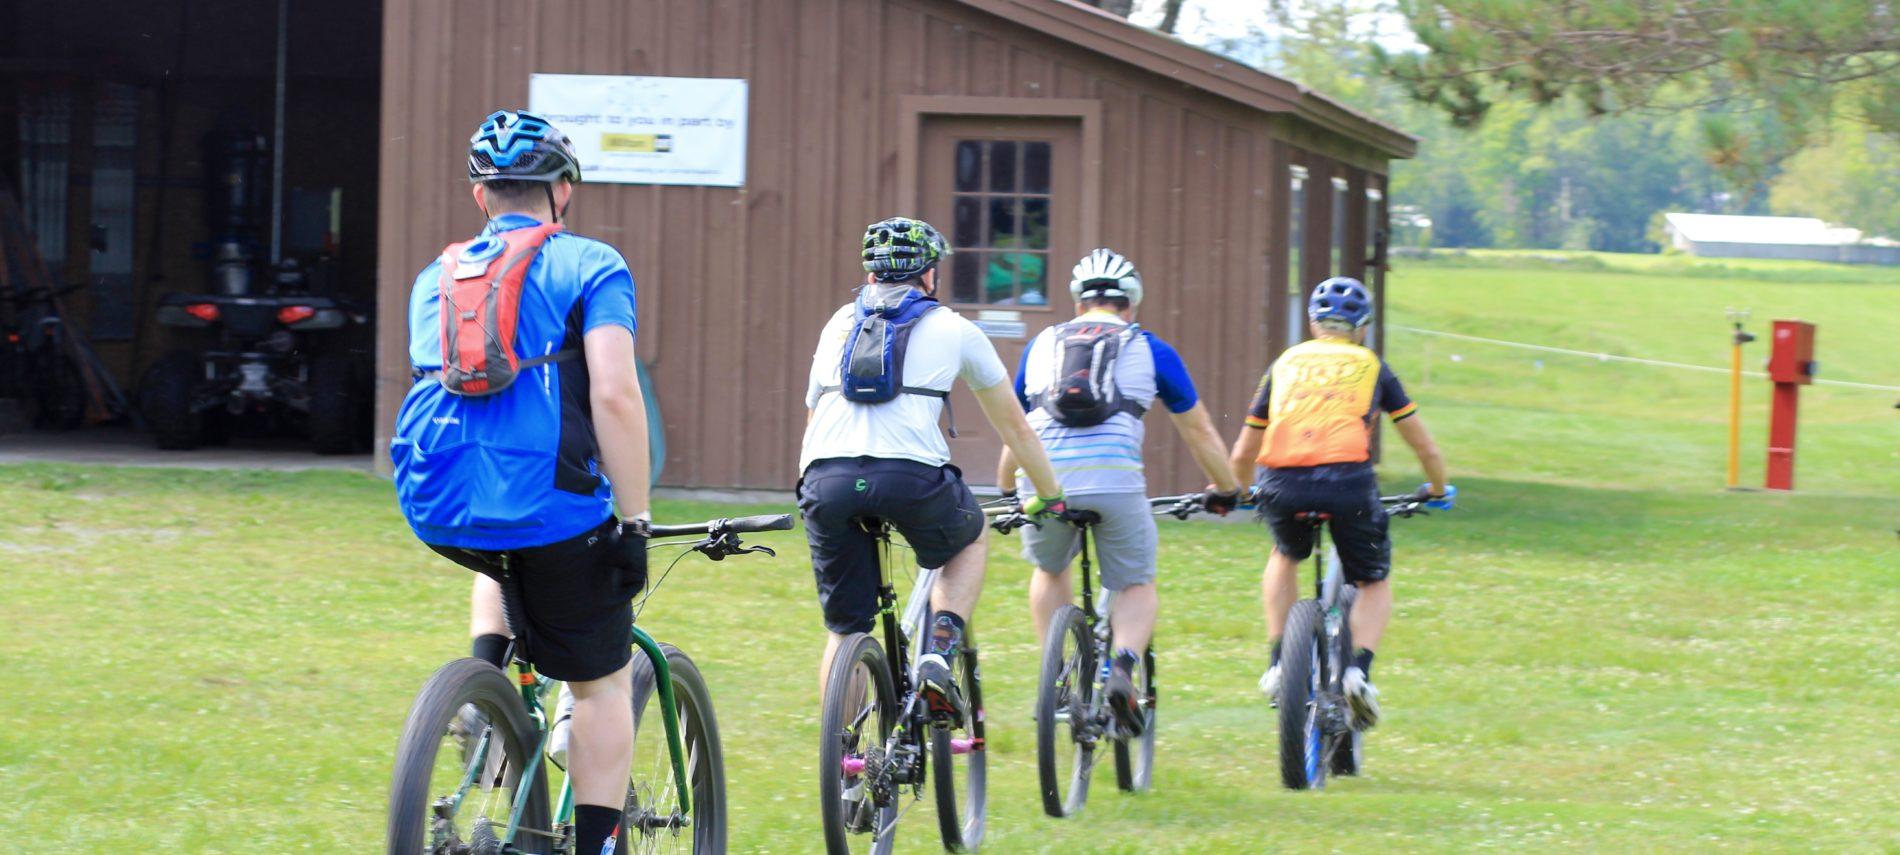 Mountain Biking at Grafton Ponds